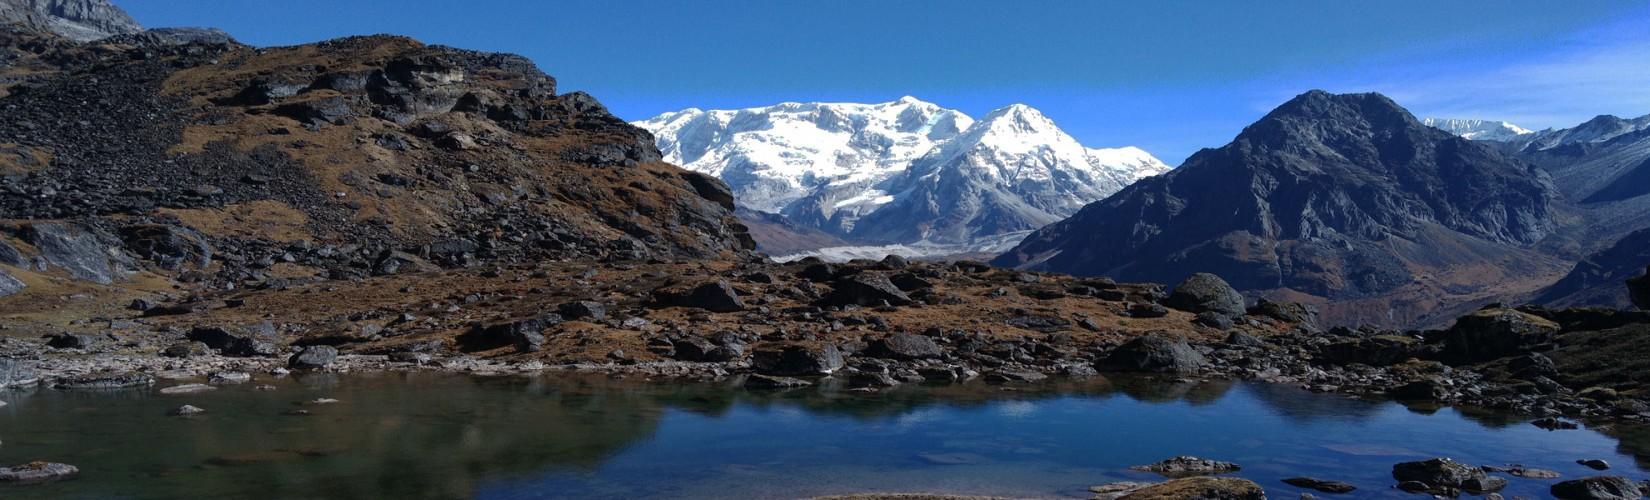 Kanchenjunga, Selele Pass and Lake